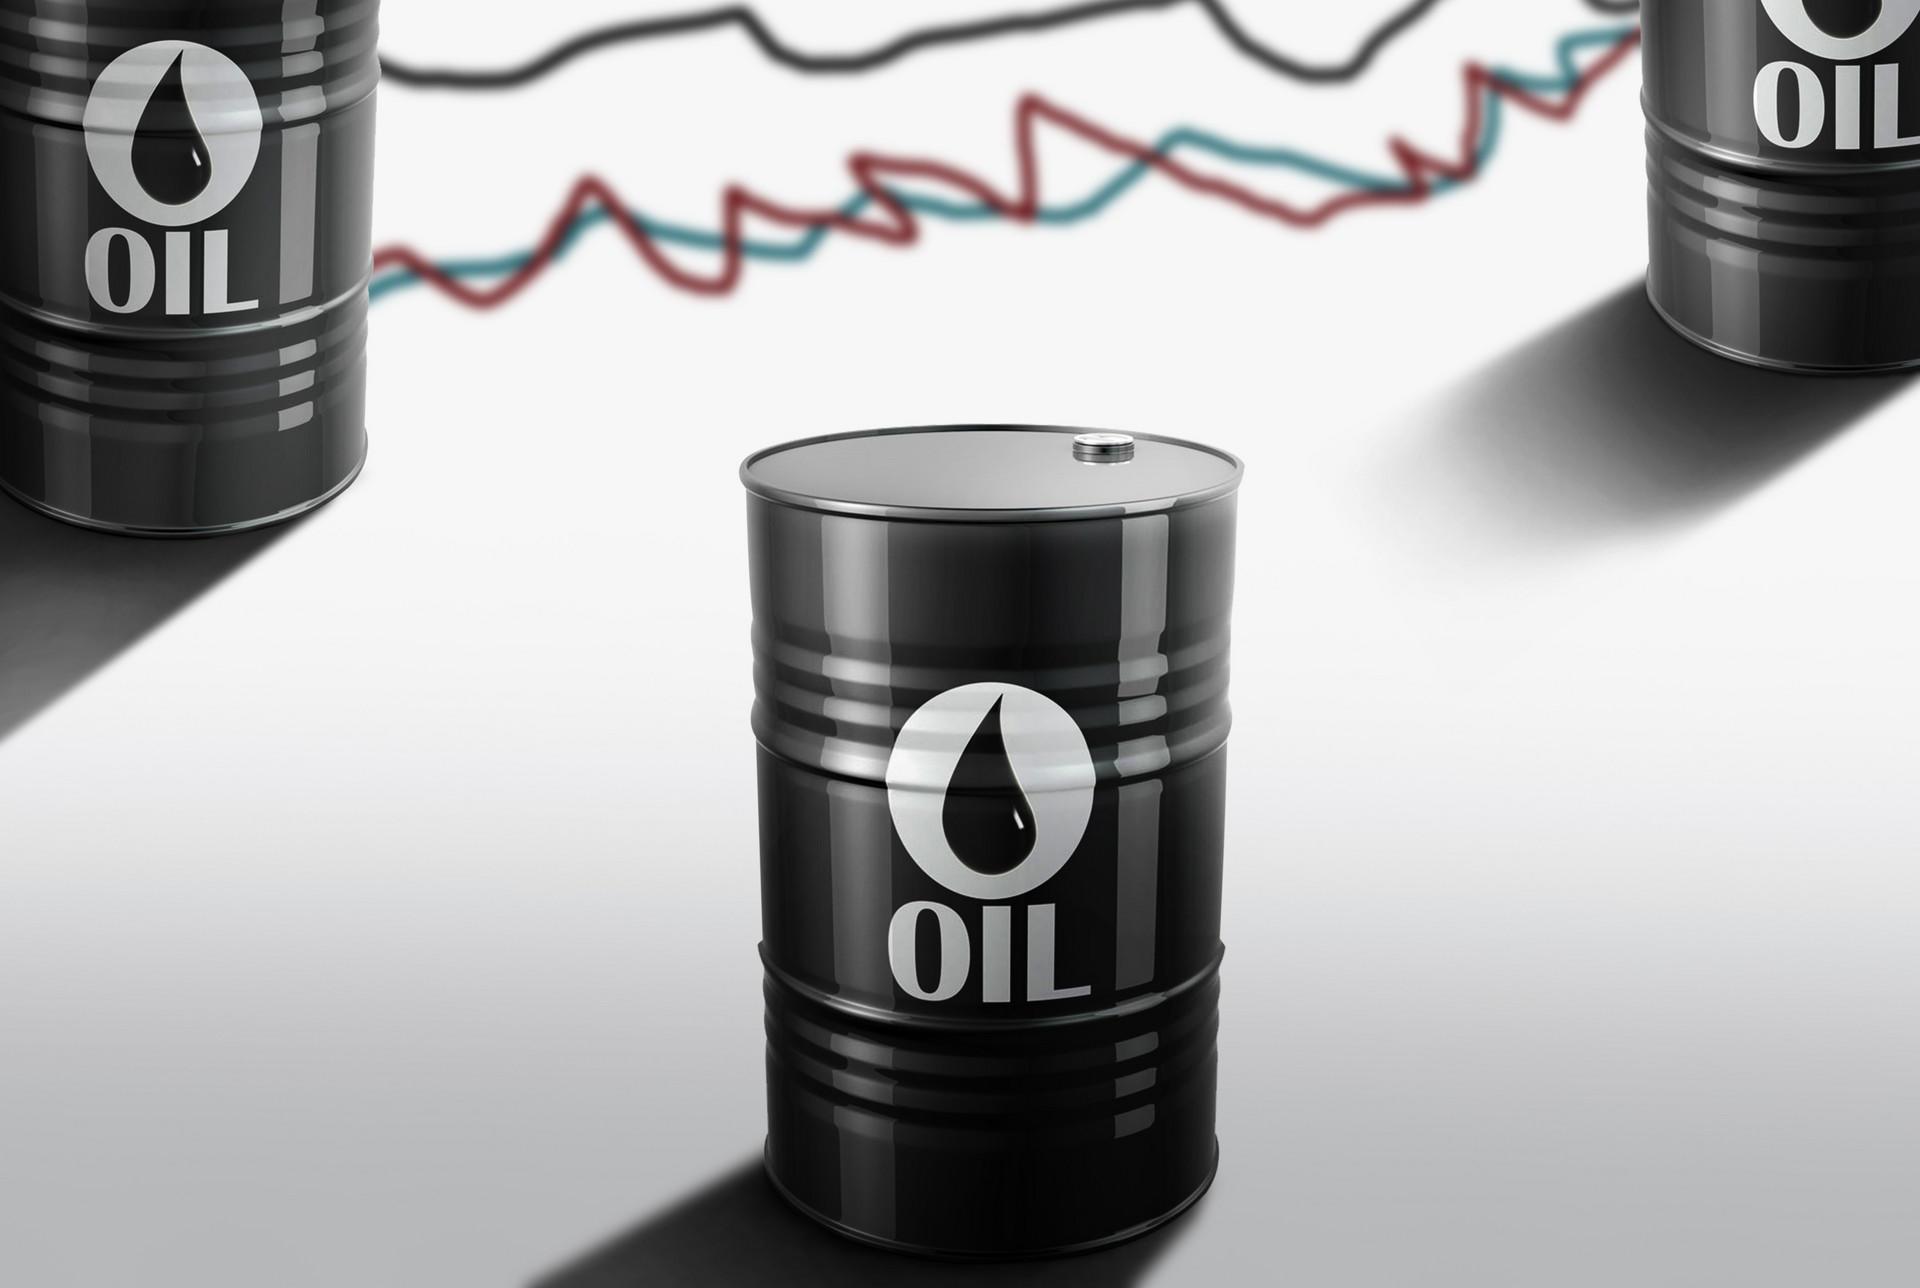 原油走势图分析之均线特性